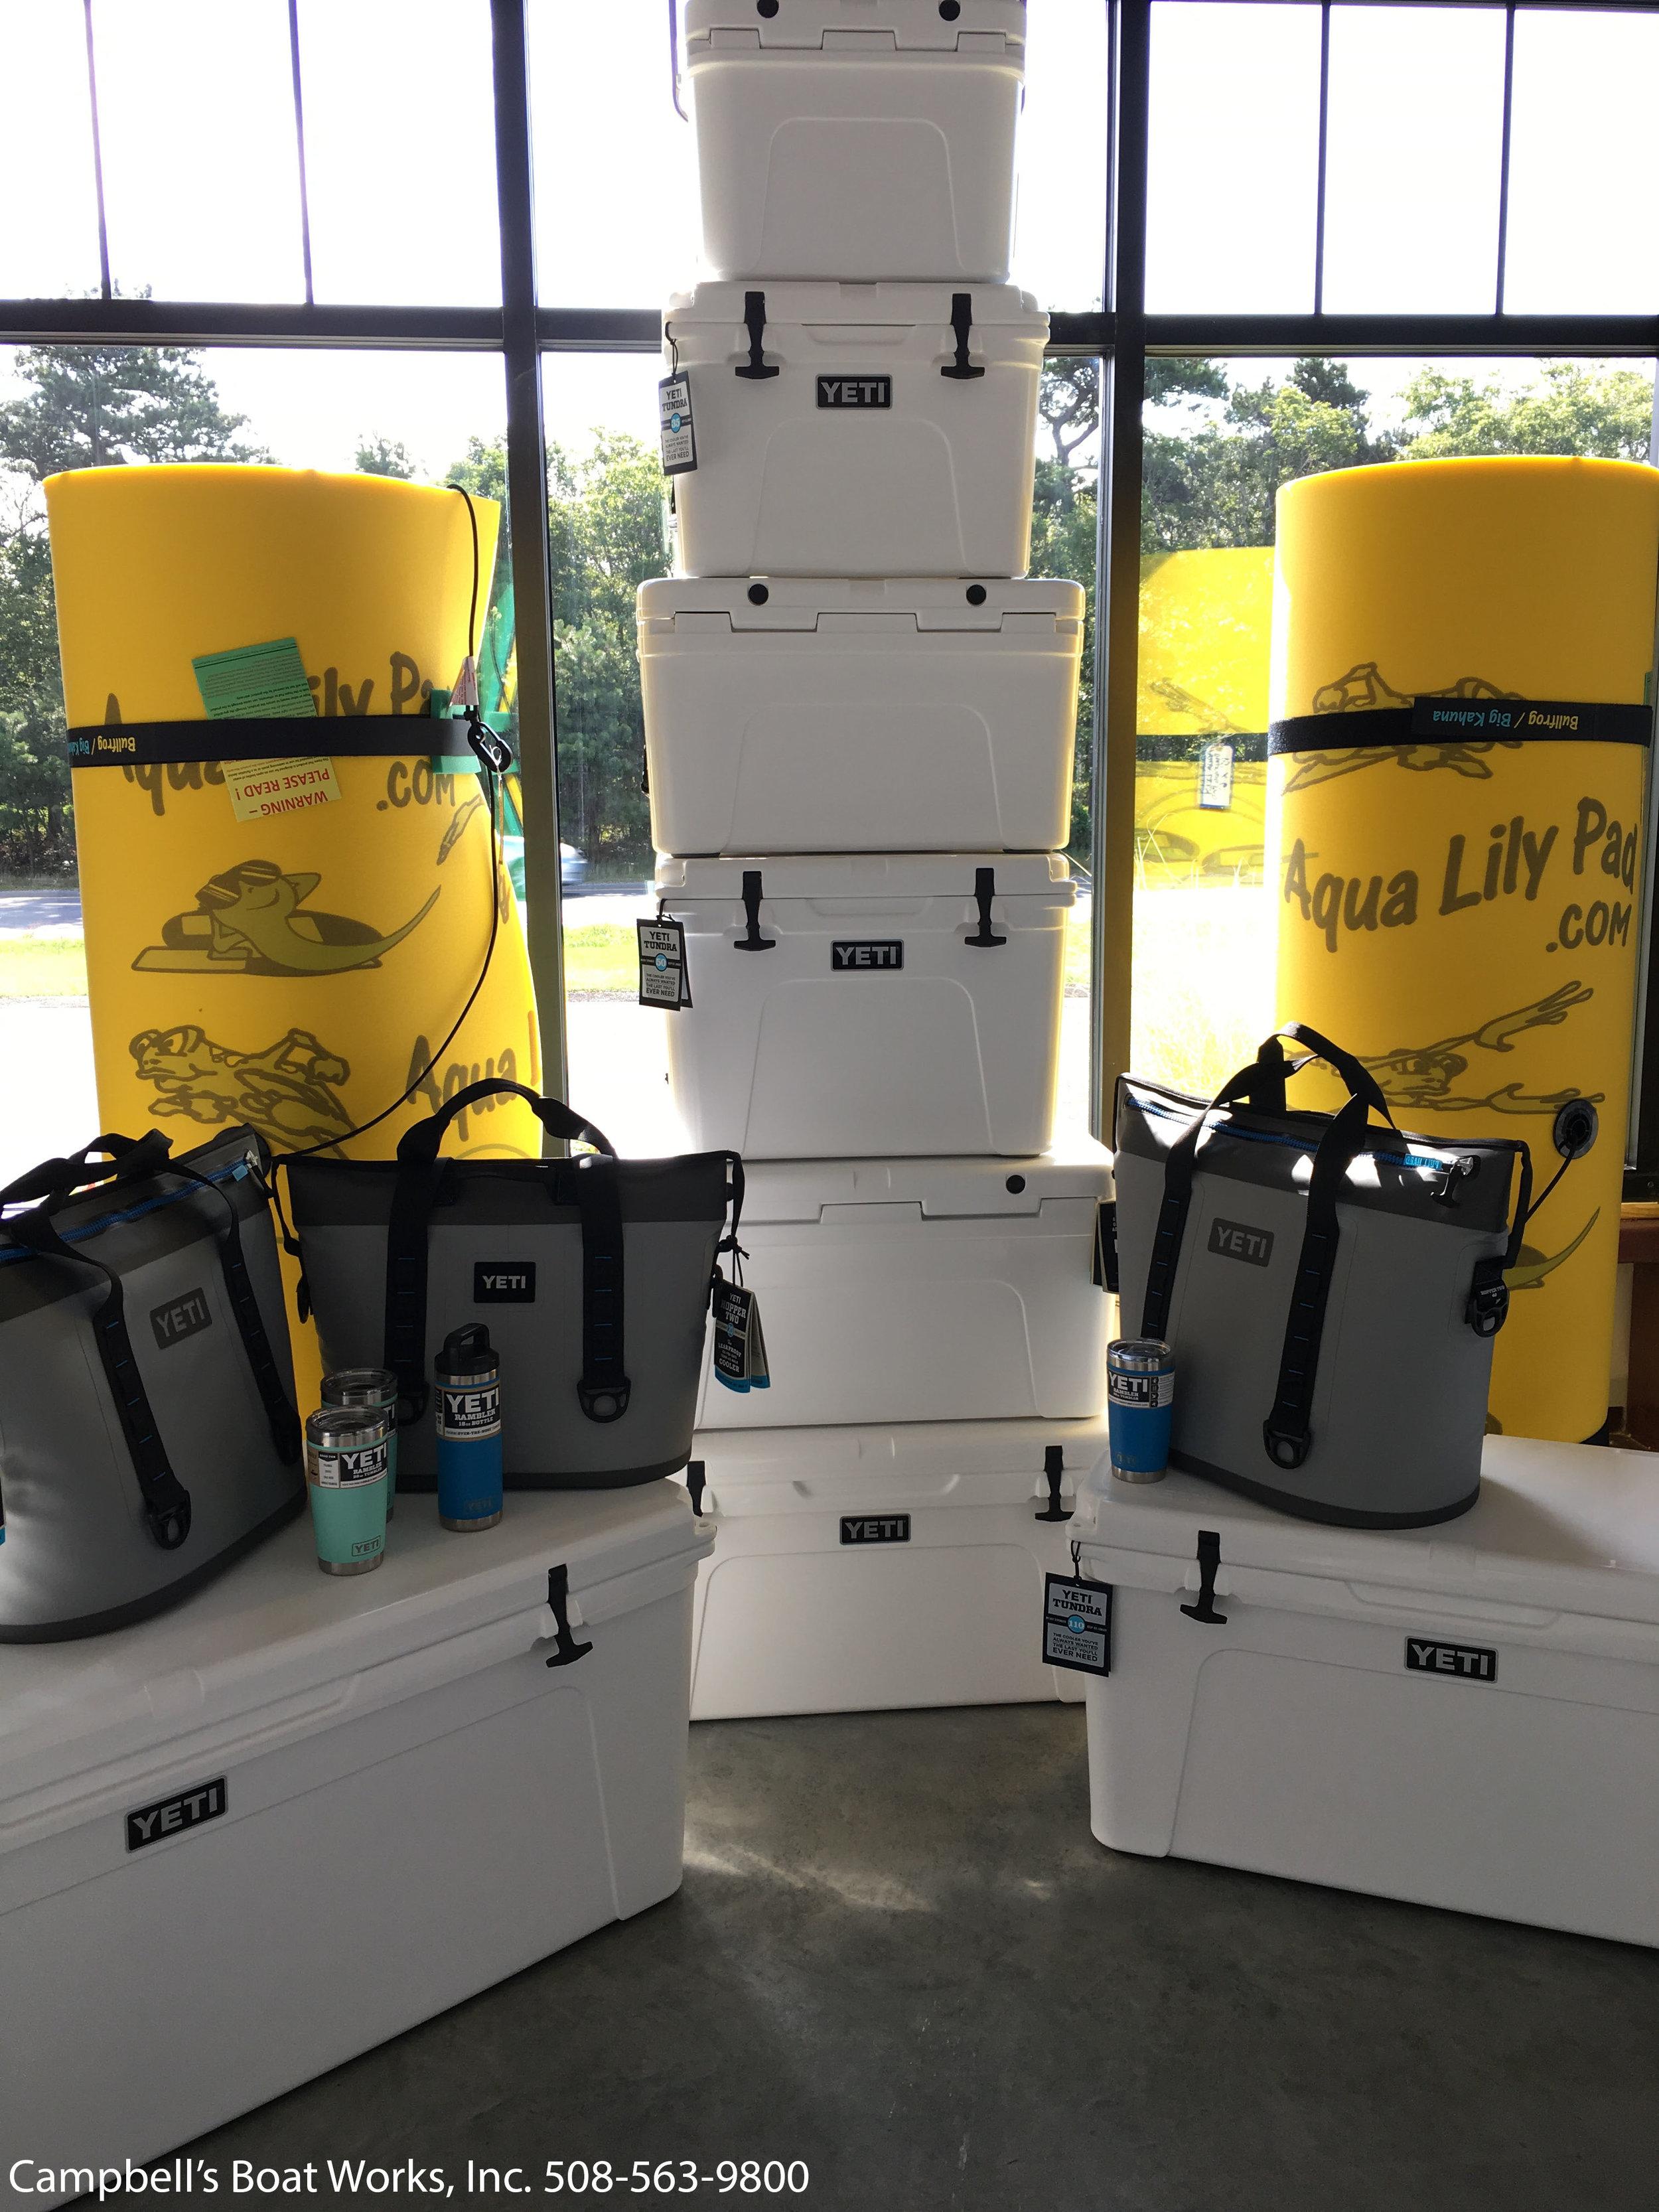 Yeti Coolers Aqua Lilly Pads